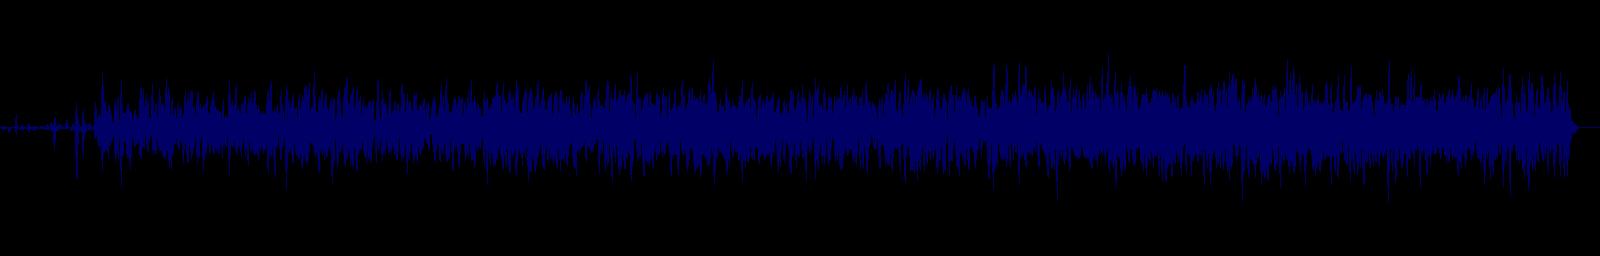 waveform of track #147800